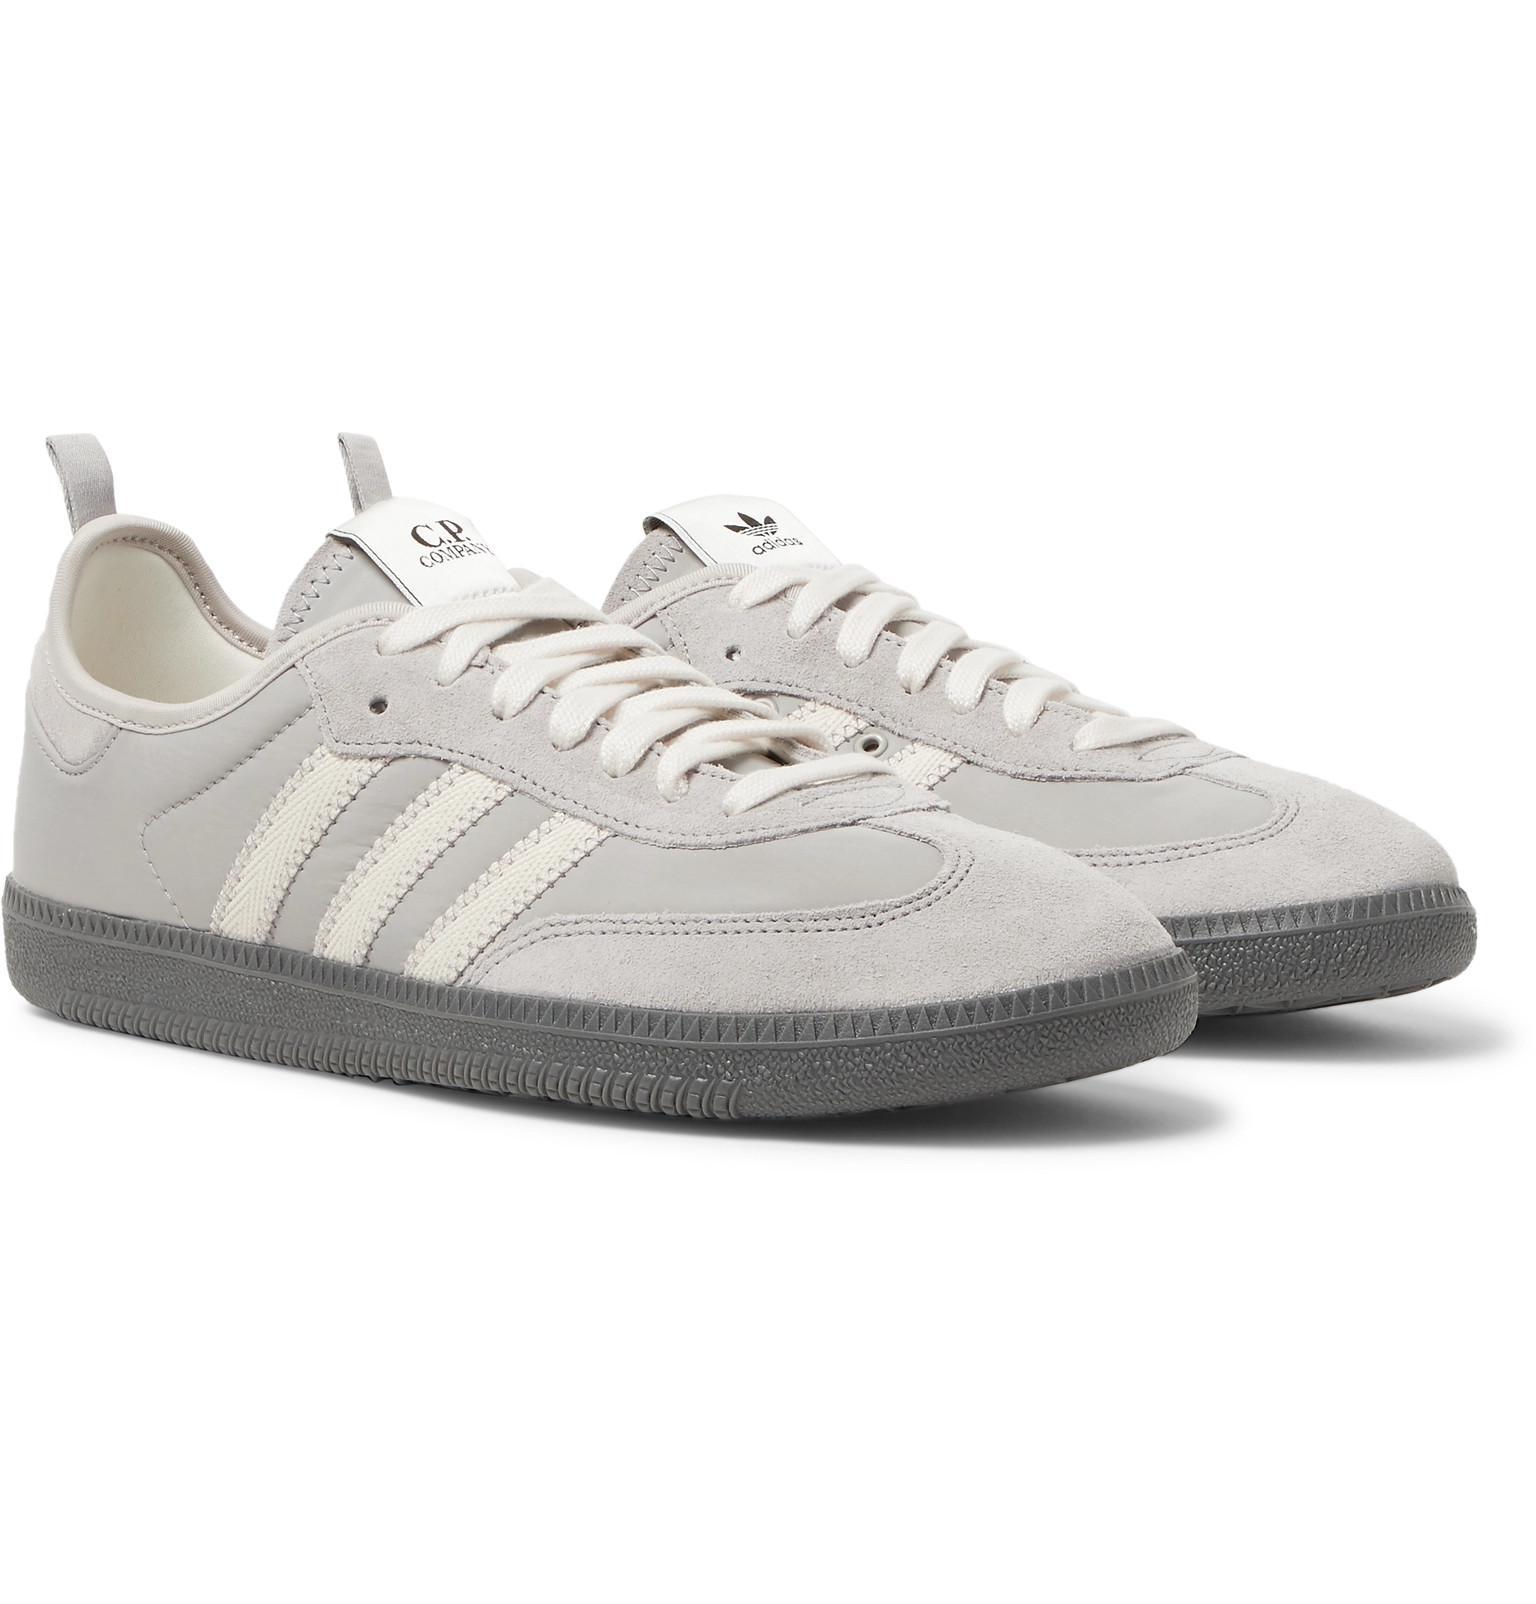 separation shoes a9294 132e3 adidas Originals + C.p. Company Samba Suede-trimmed Nylon Sneakers ...